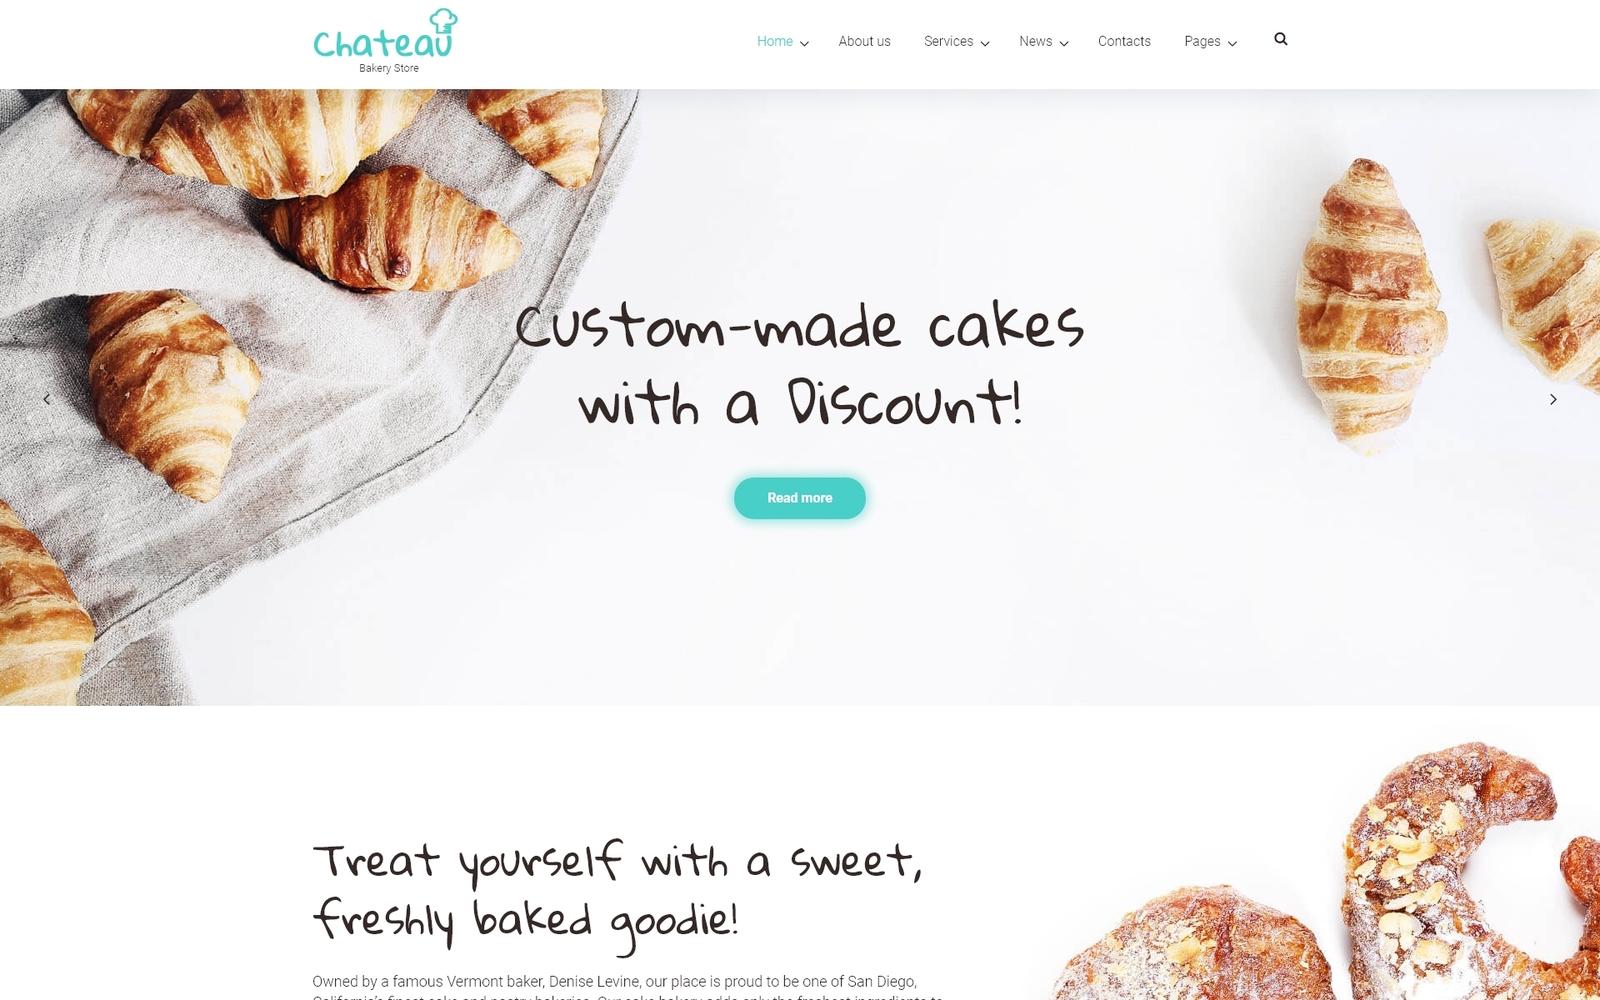 Reszponzív Chateau - Bakery and Receipts WordPress sablon 59016